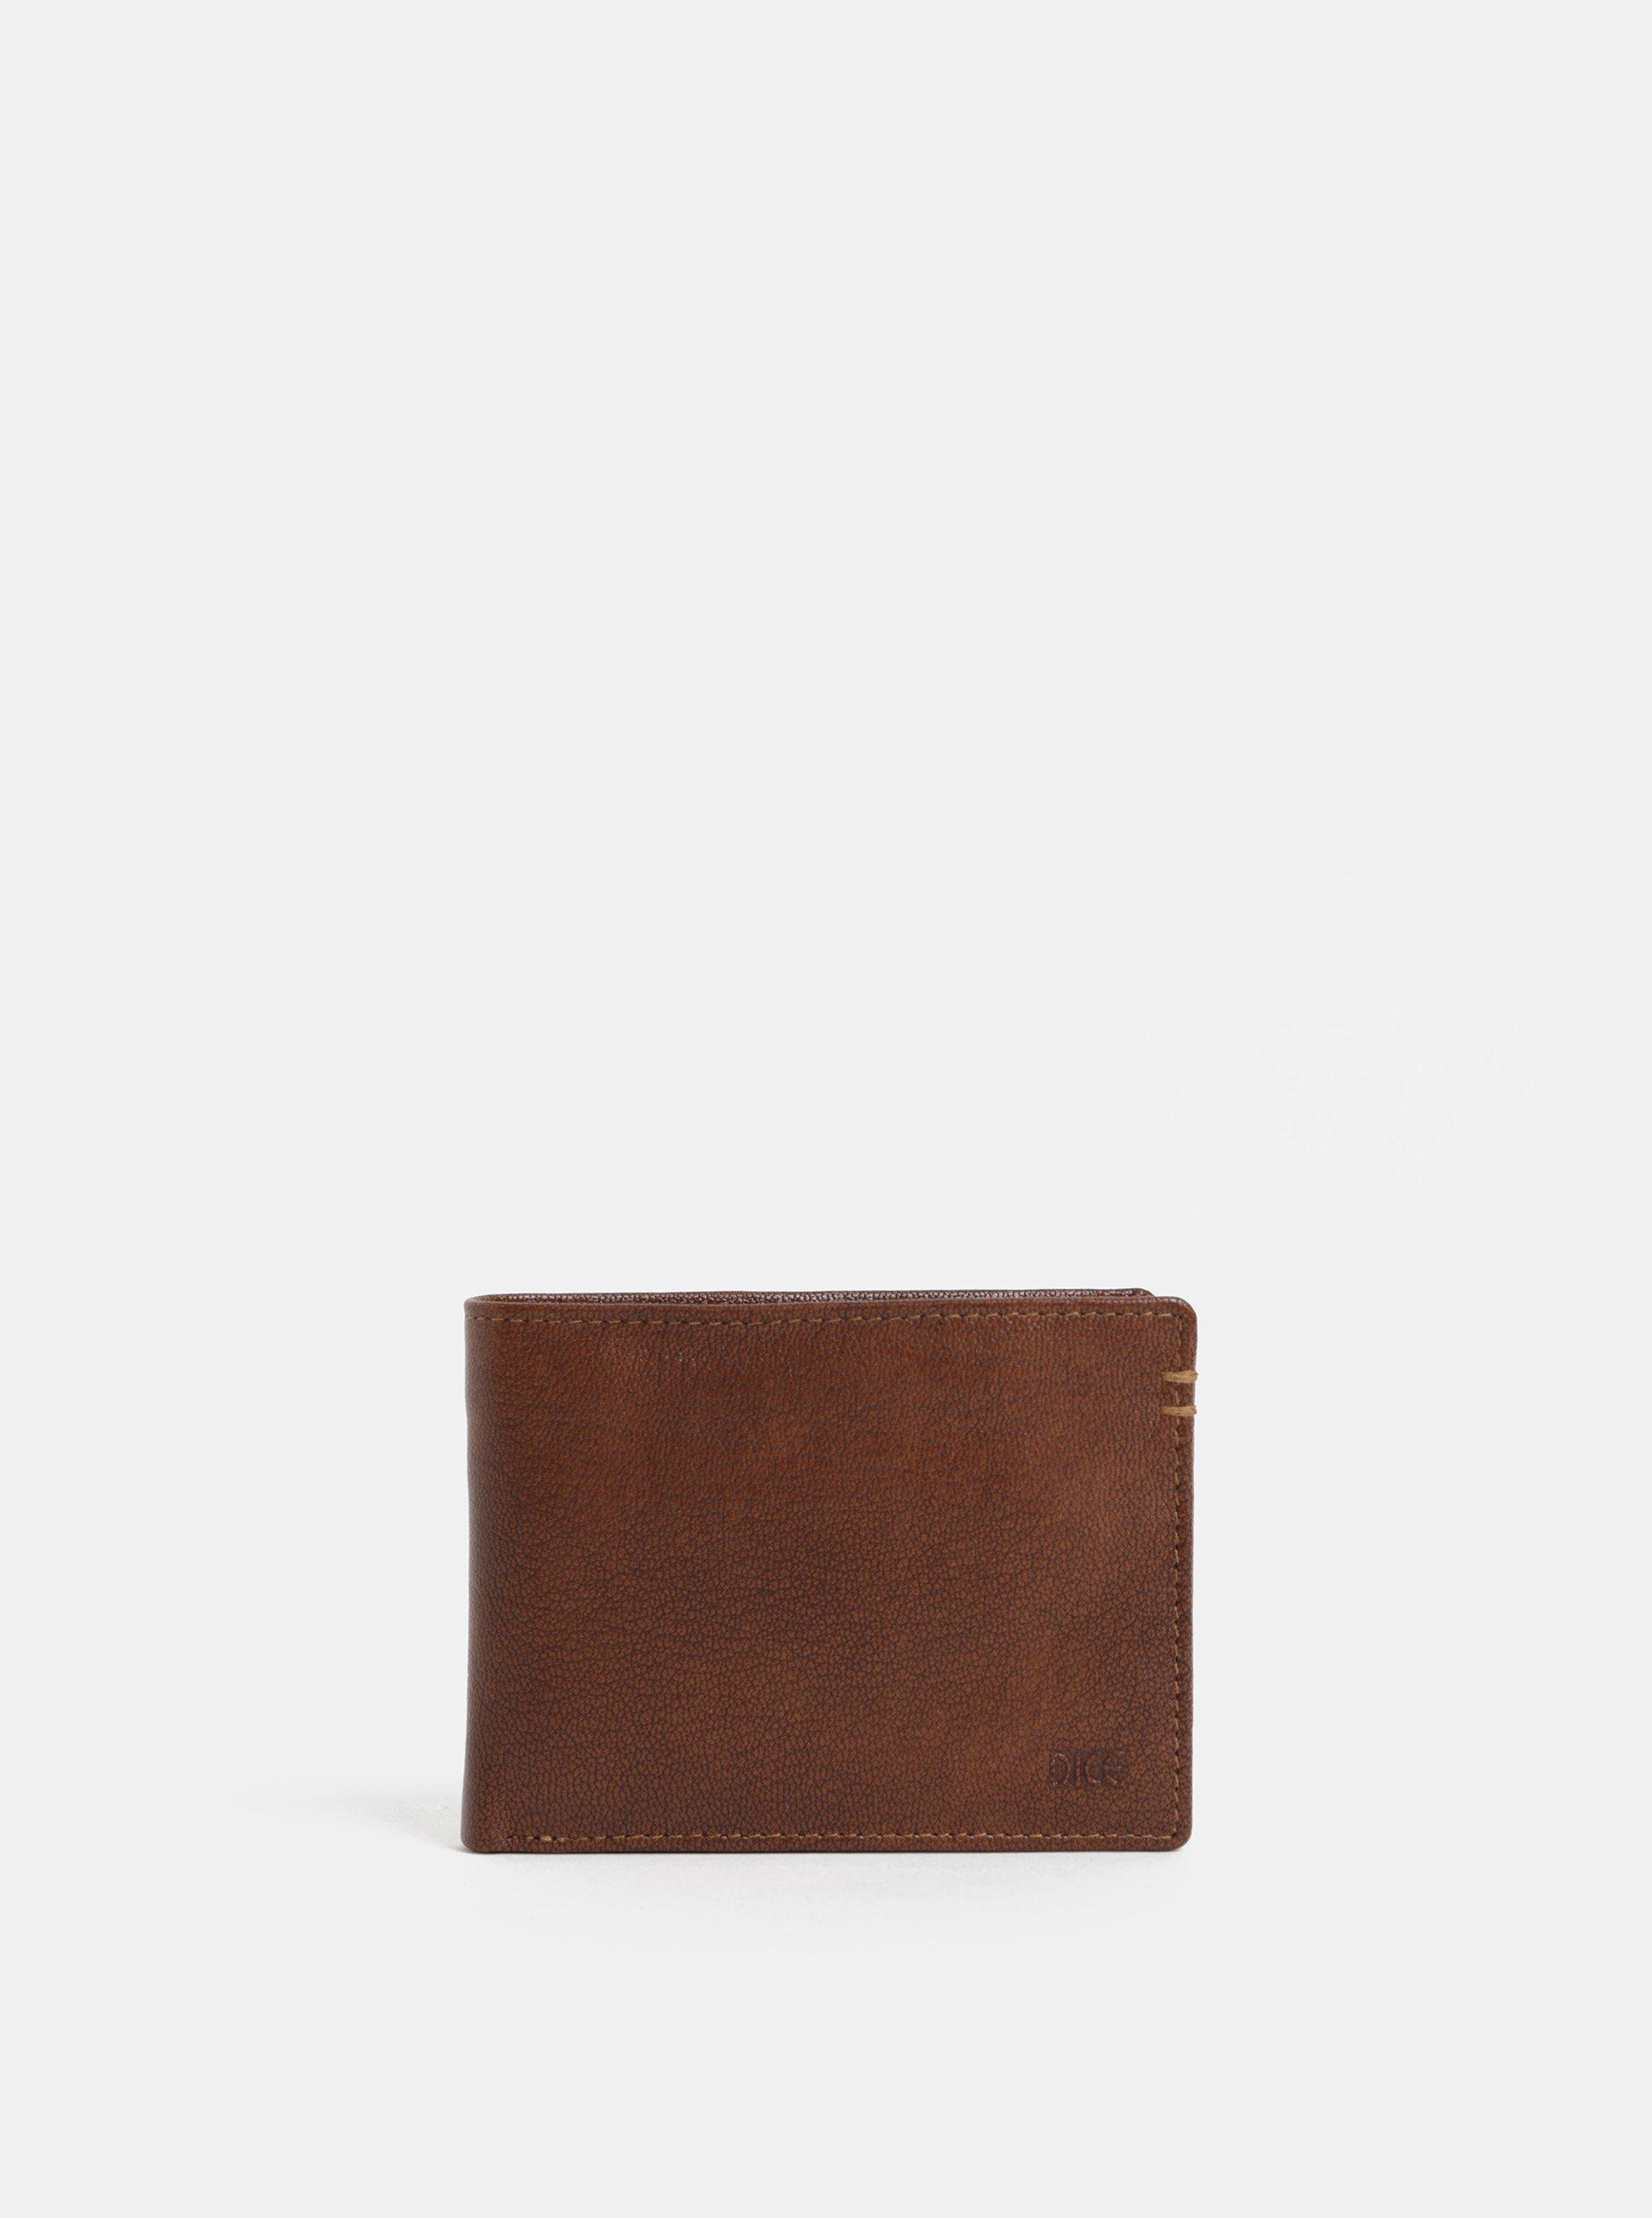 91bc3c7822 Hnedá kožená peňaženka Dice Parker